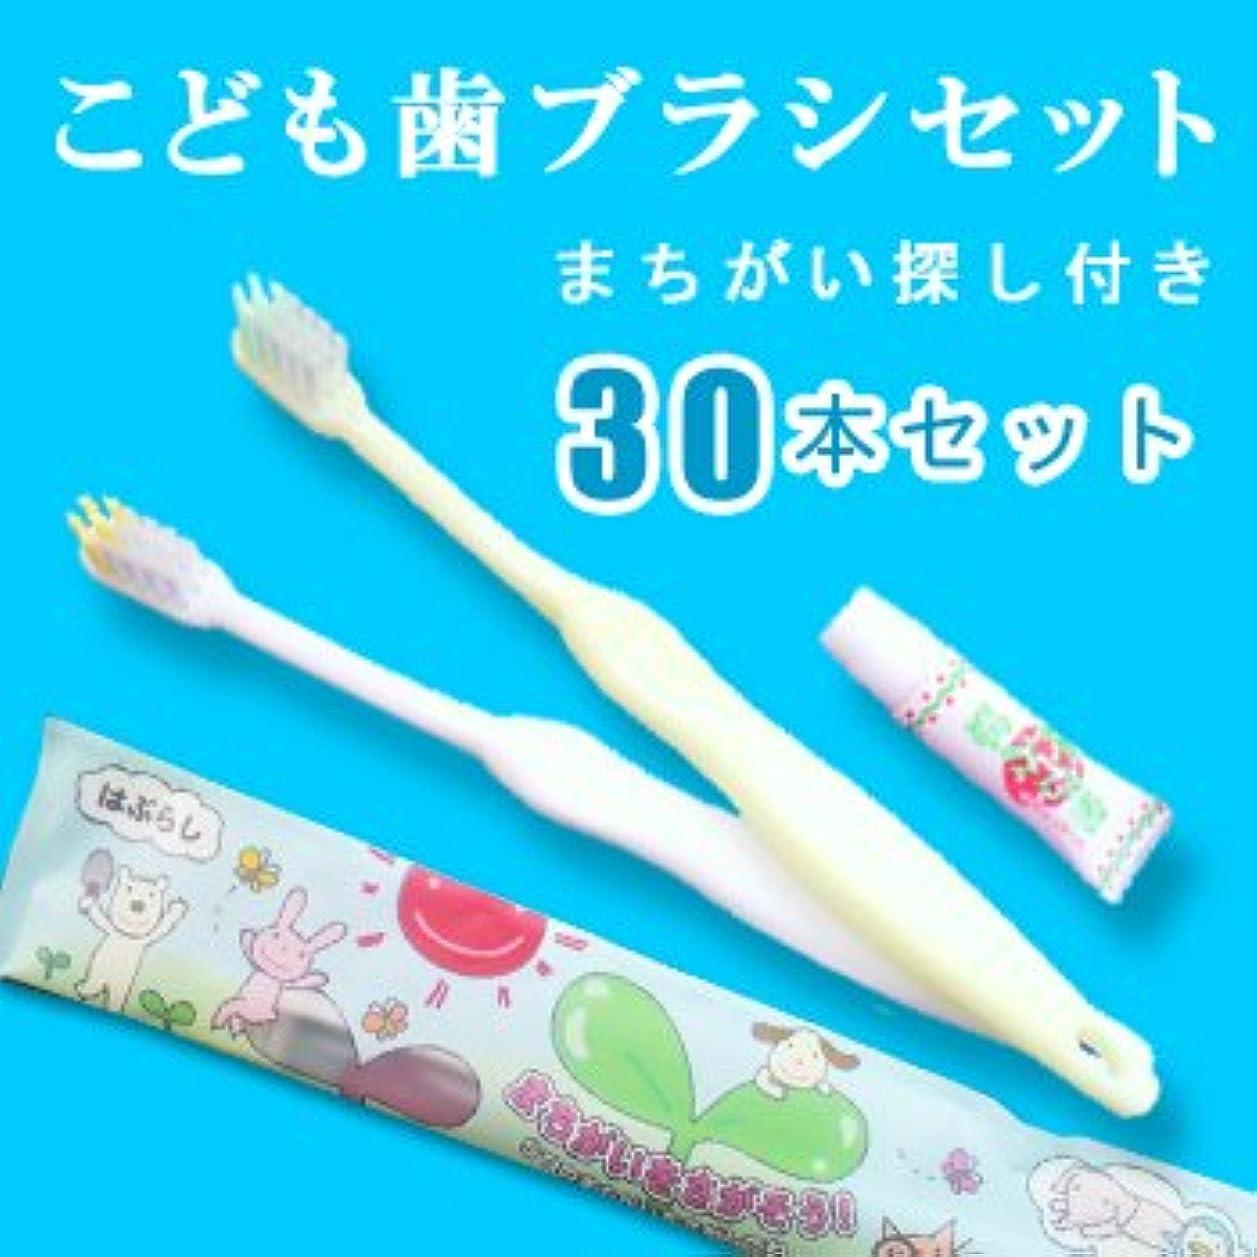 ラウズロック解除葉を拾うこども歯ブラシ いちご味の歯磨き粉3gチューブ付 ホワイト?イエロー各15本アソート(1セット30本)